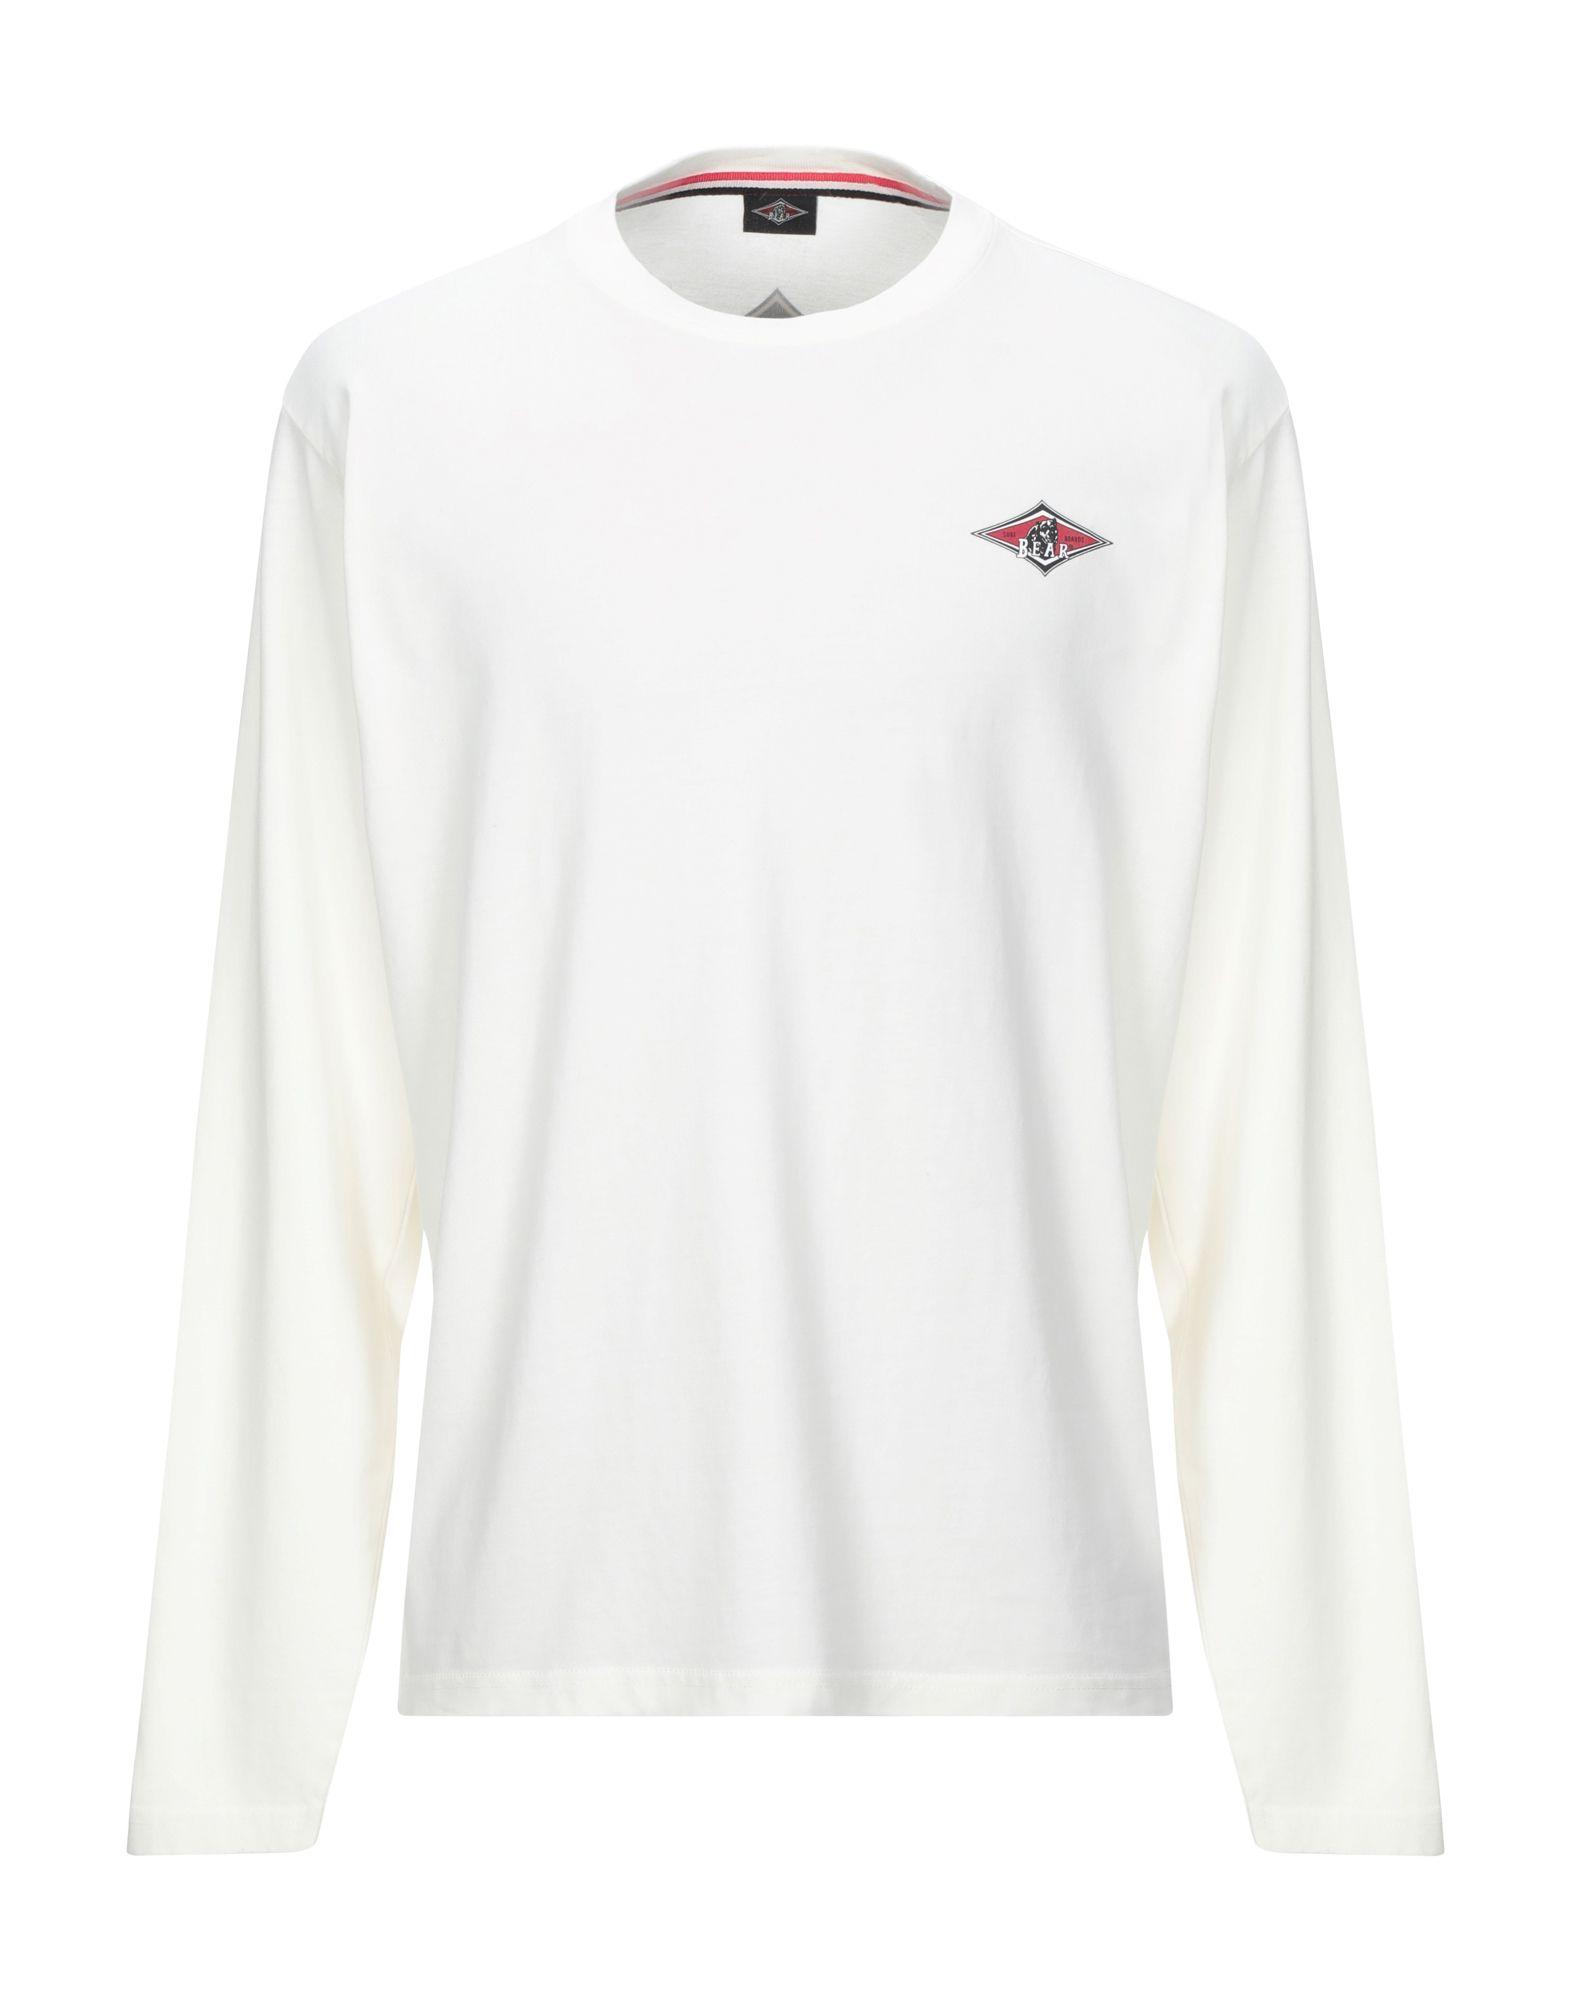 《セール開催中》BEAR メンズ T シャツ アイボリー XL コットン 100%